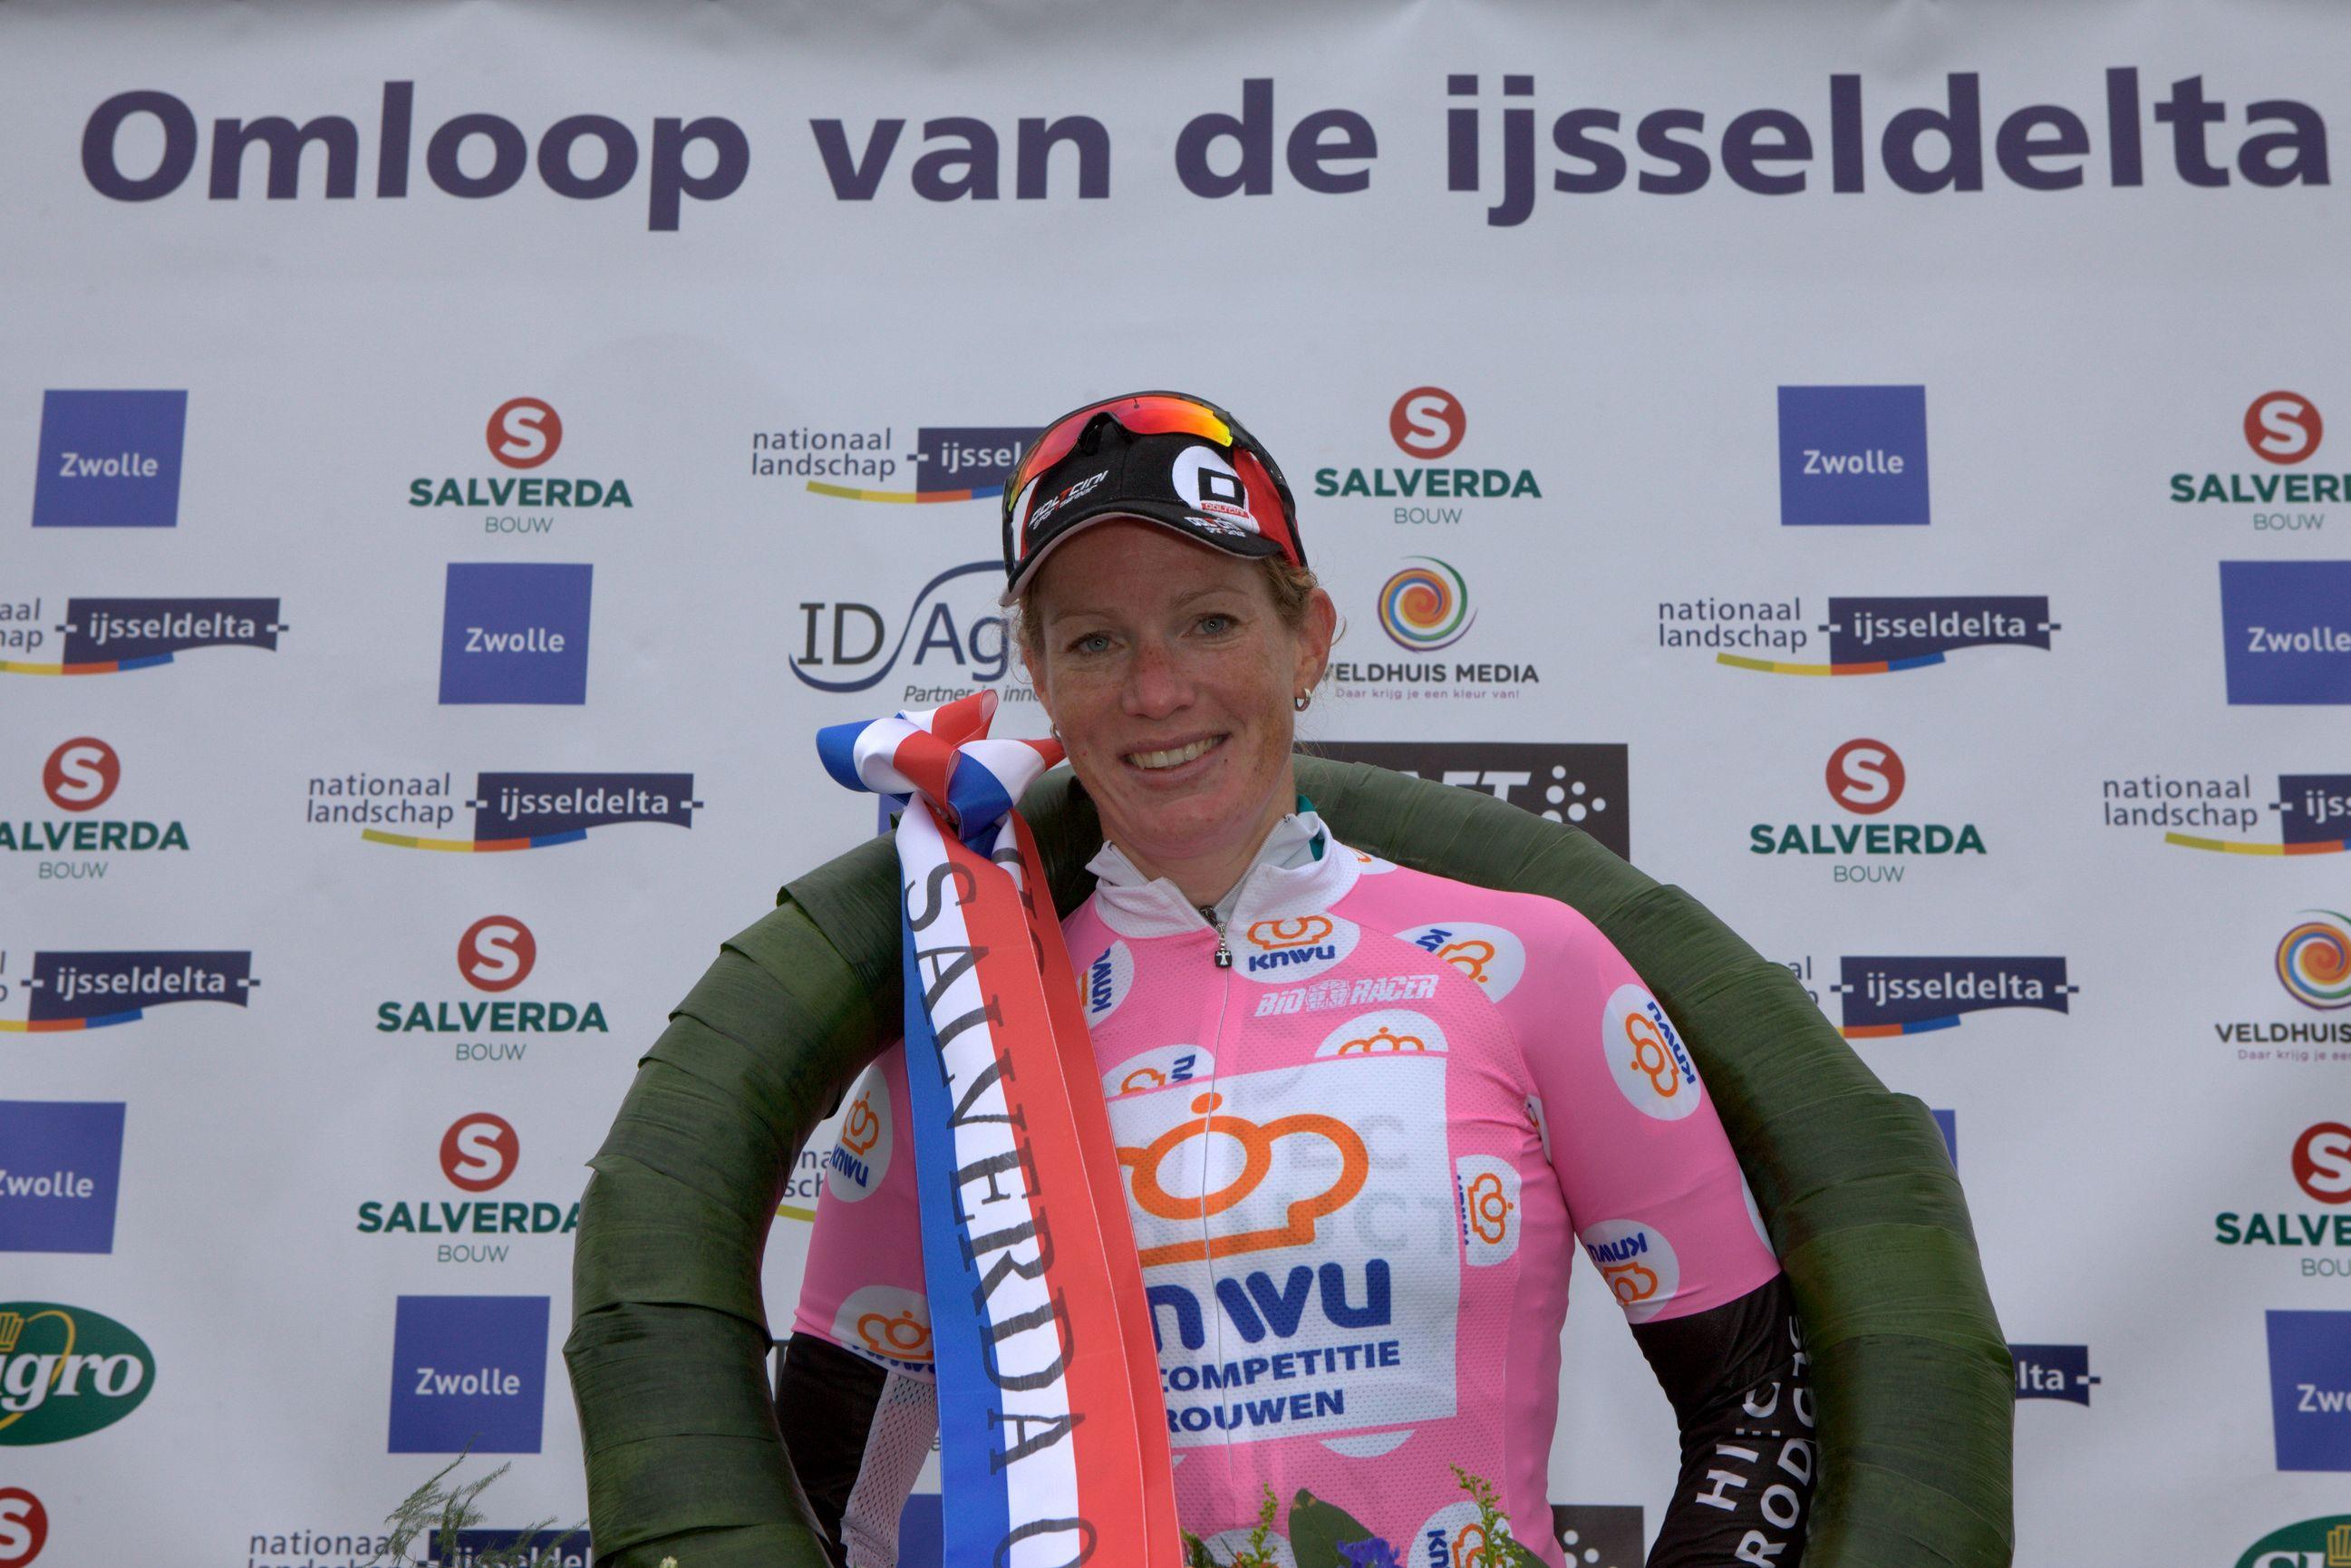 Kirsten Wild wint Salverda Omloop van de IJsseldelta 2015